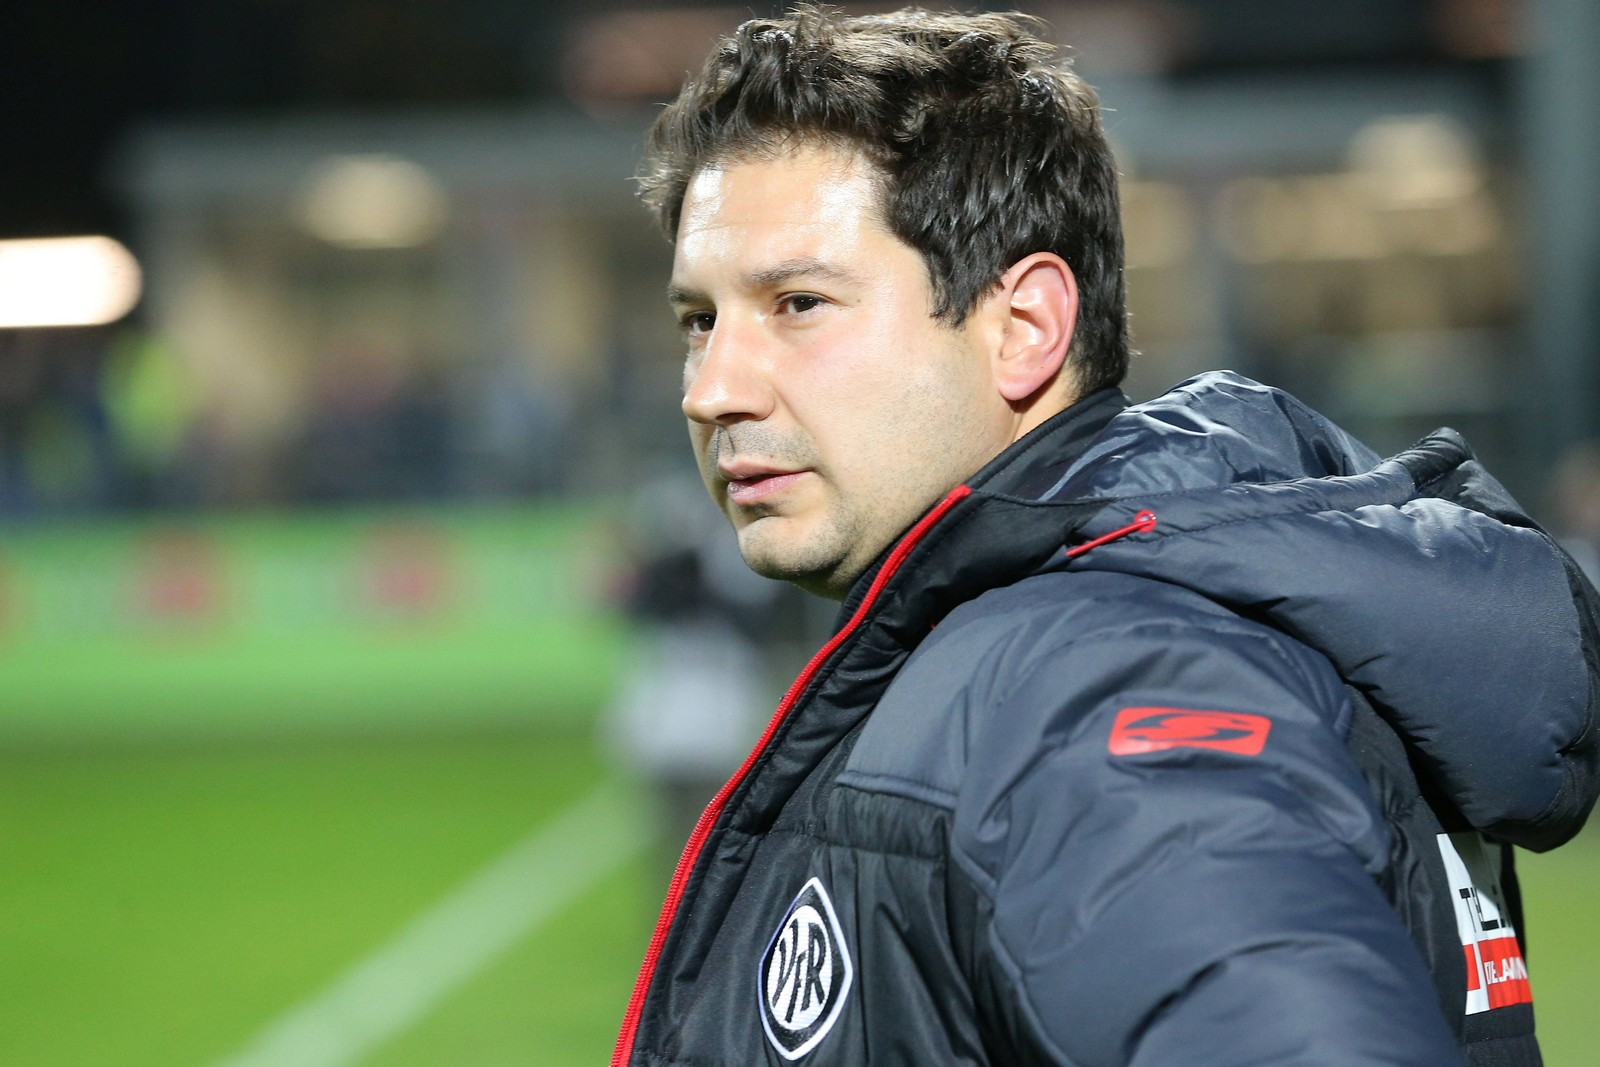 Argirios Giannikis sieht seine Mannschaft nicht chancenlos gegen den KFC Uerdingen.